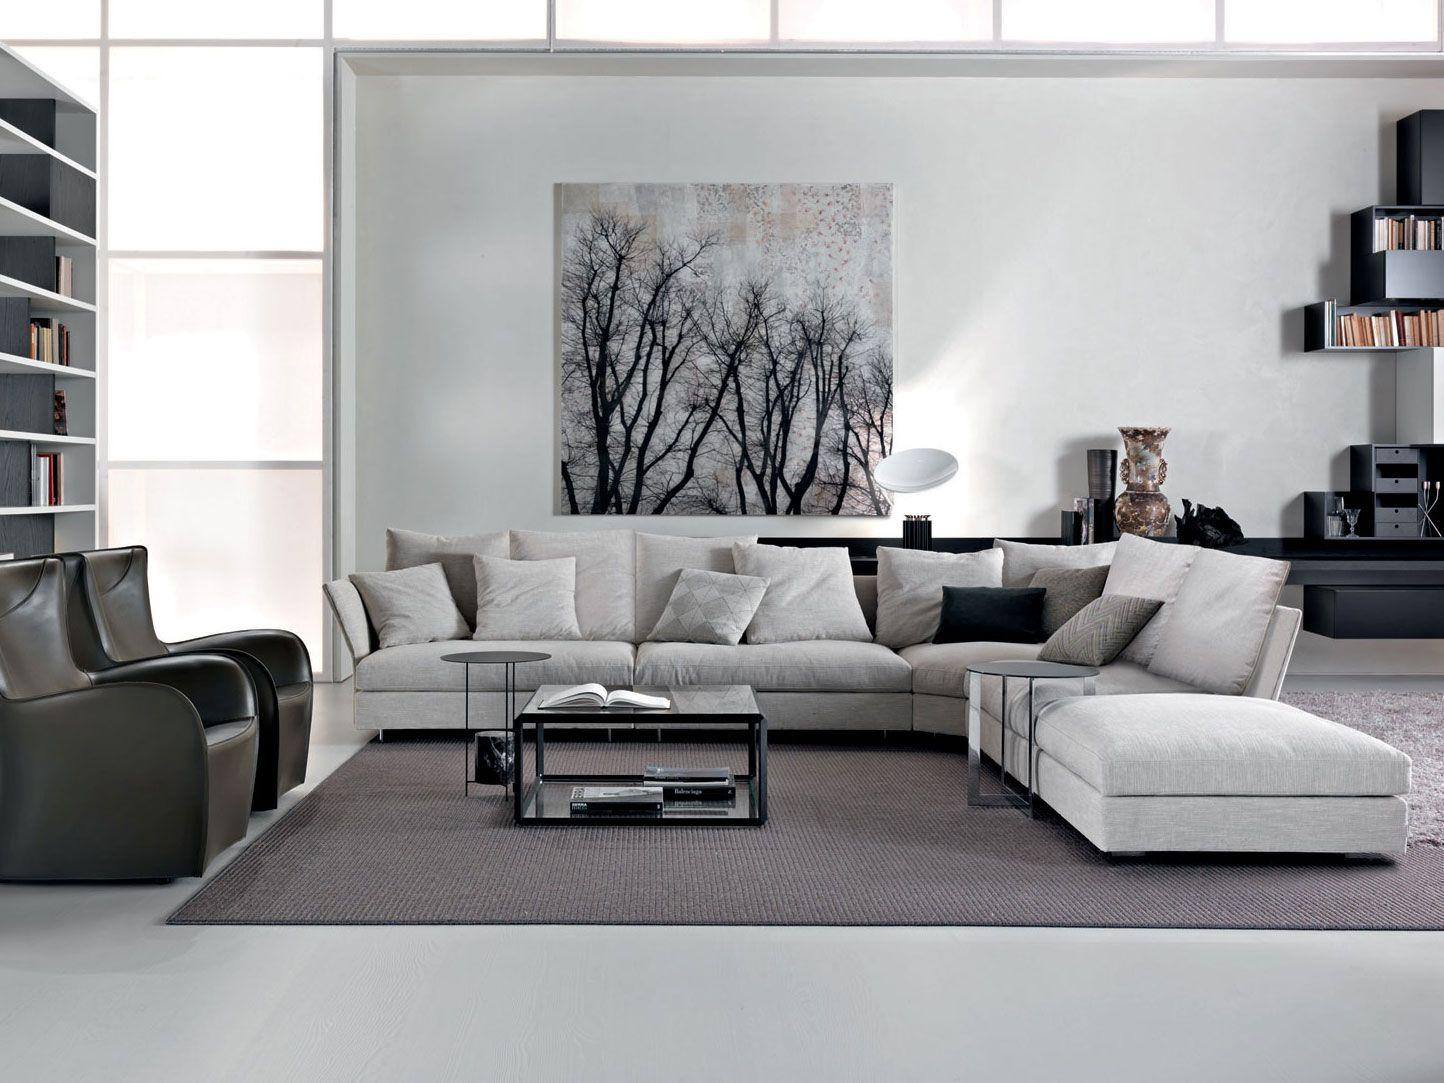 Molteni Amp C Modern White Living Room Monochrome Living Room Elegant Living Room C shaped living room